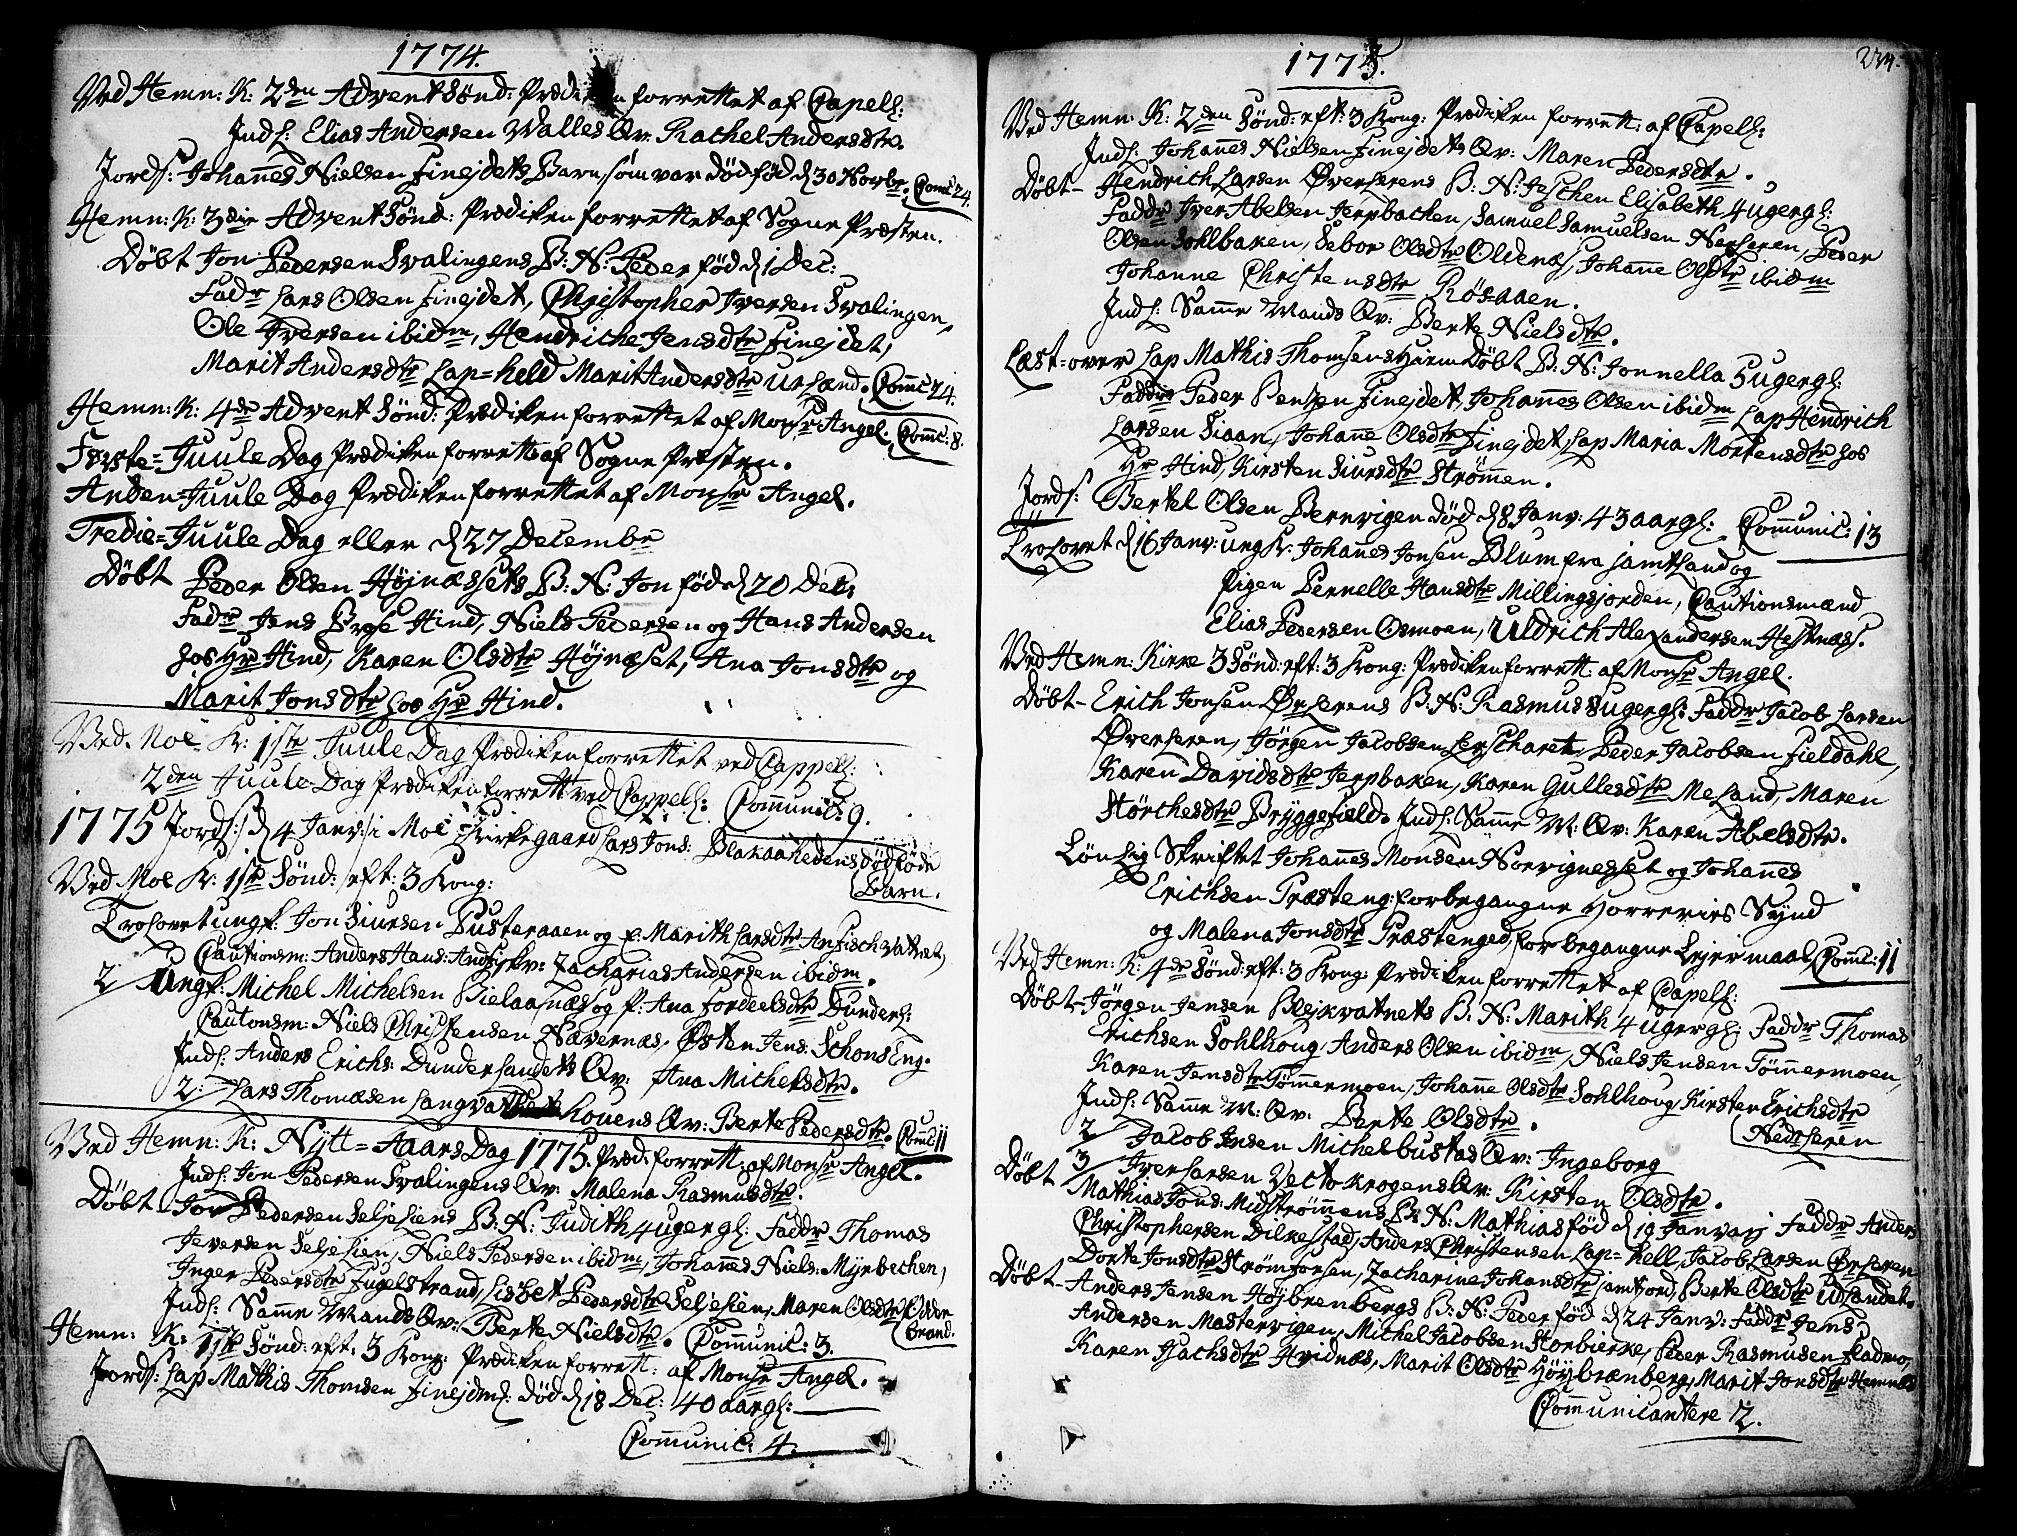 SAT, Ministerialprotokoller, klokkerbøker og fødselsregistre - Nordland, 825/L0348: Parish register (official) no. 825A04, 1752-1788, p. 234